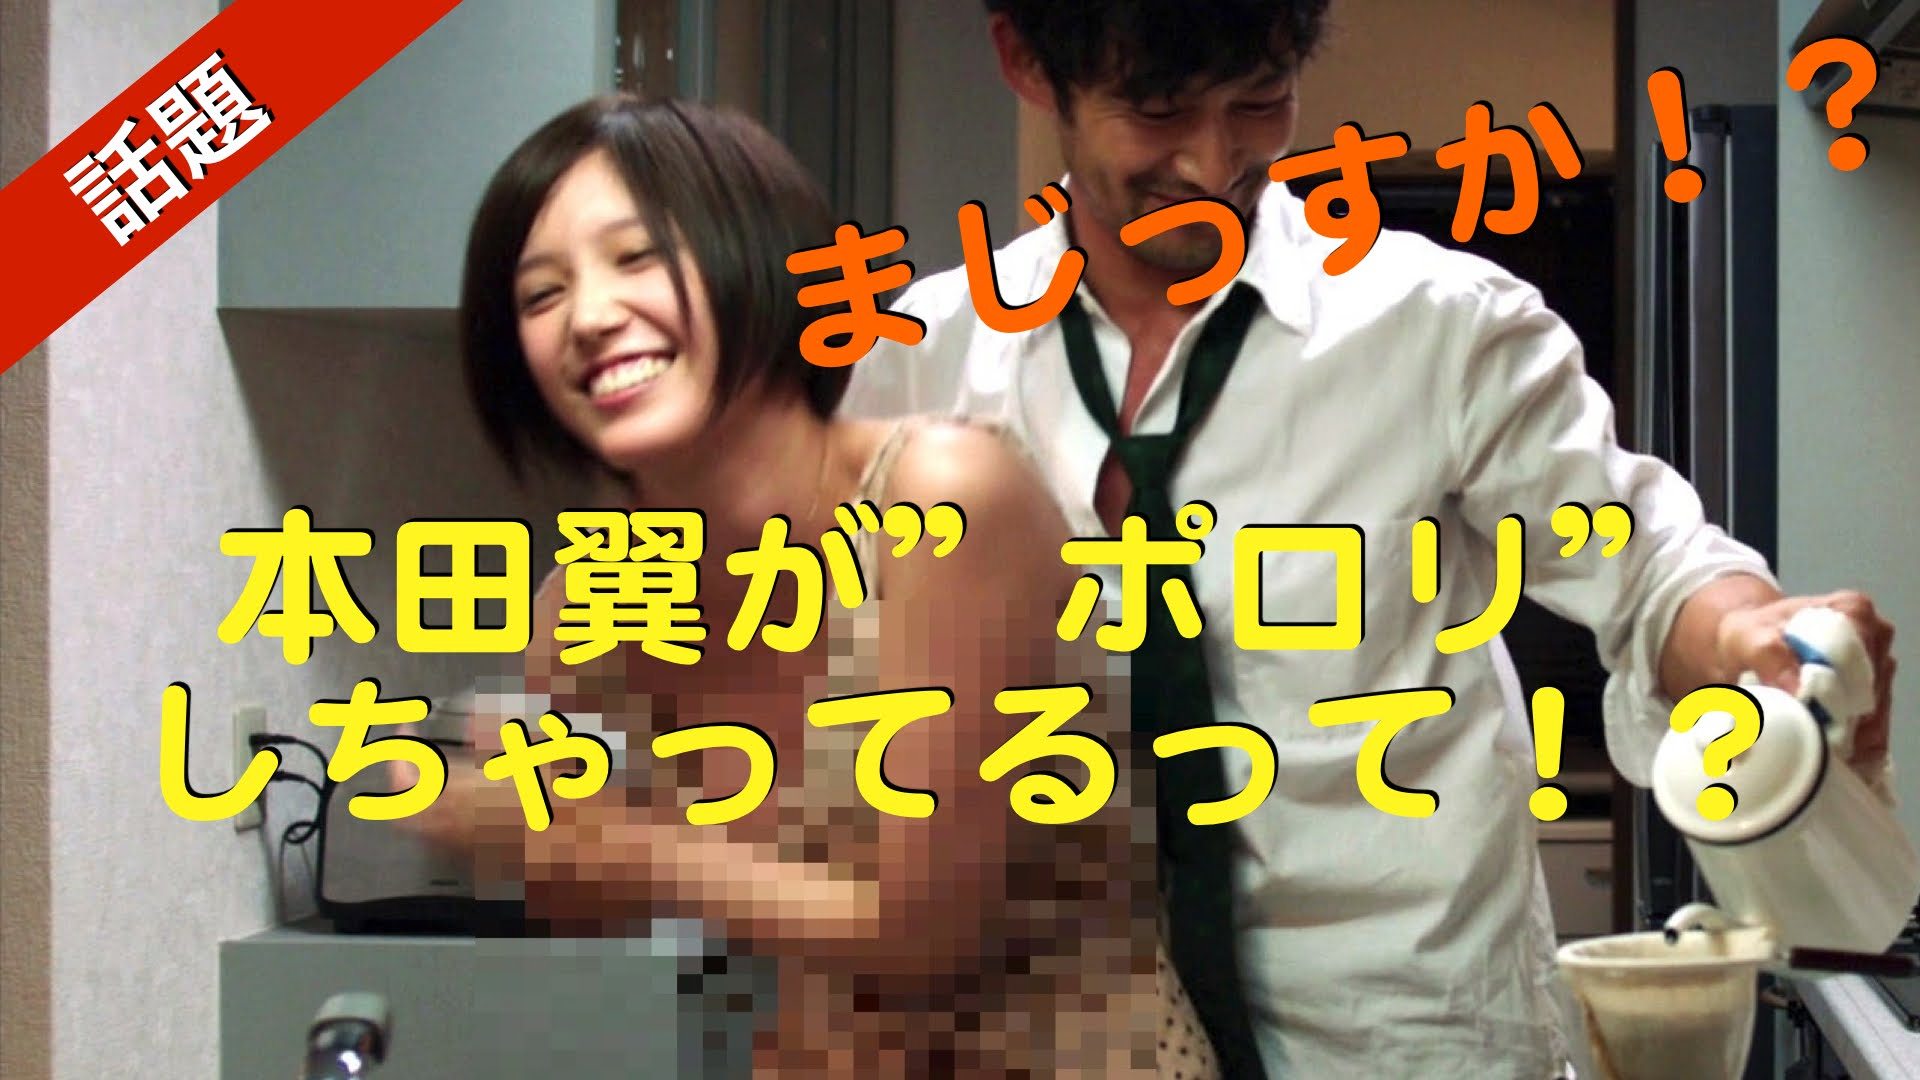 """本田翼が""""ポロリ""""しちゃってる!って、まじっすか!?"""